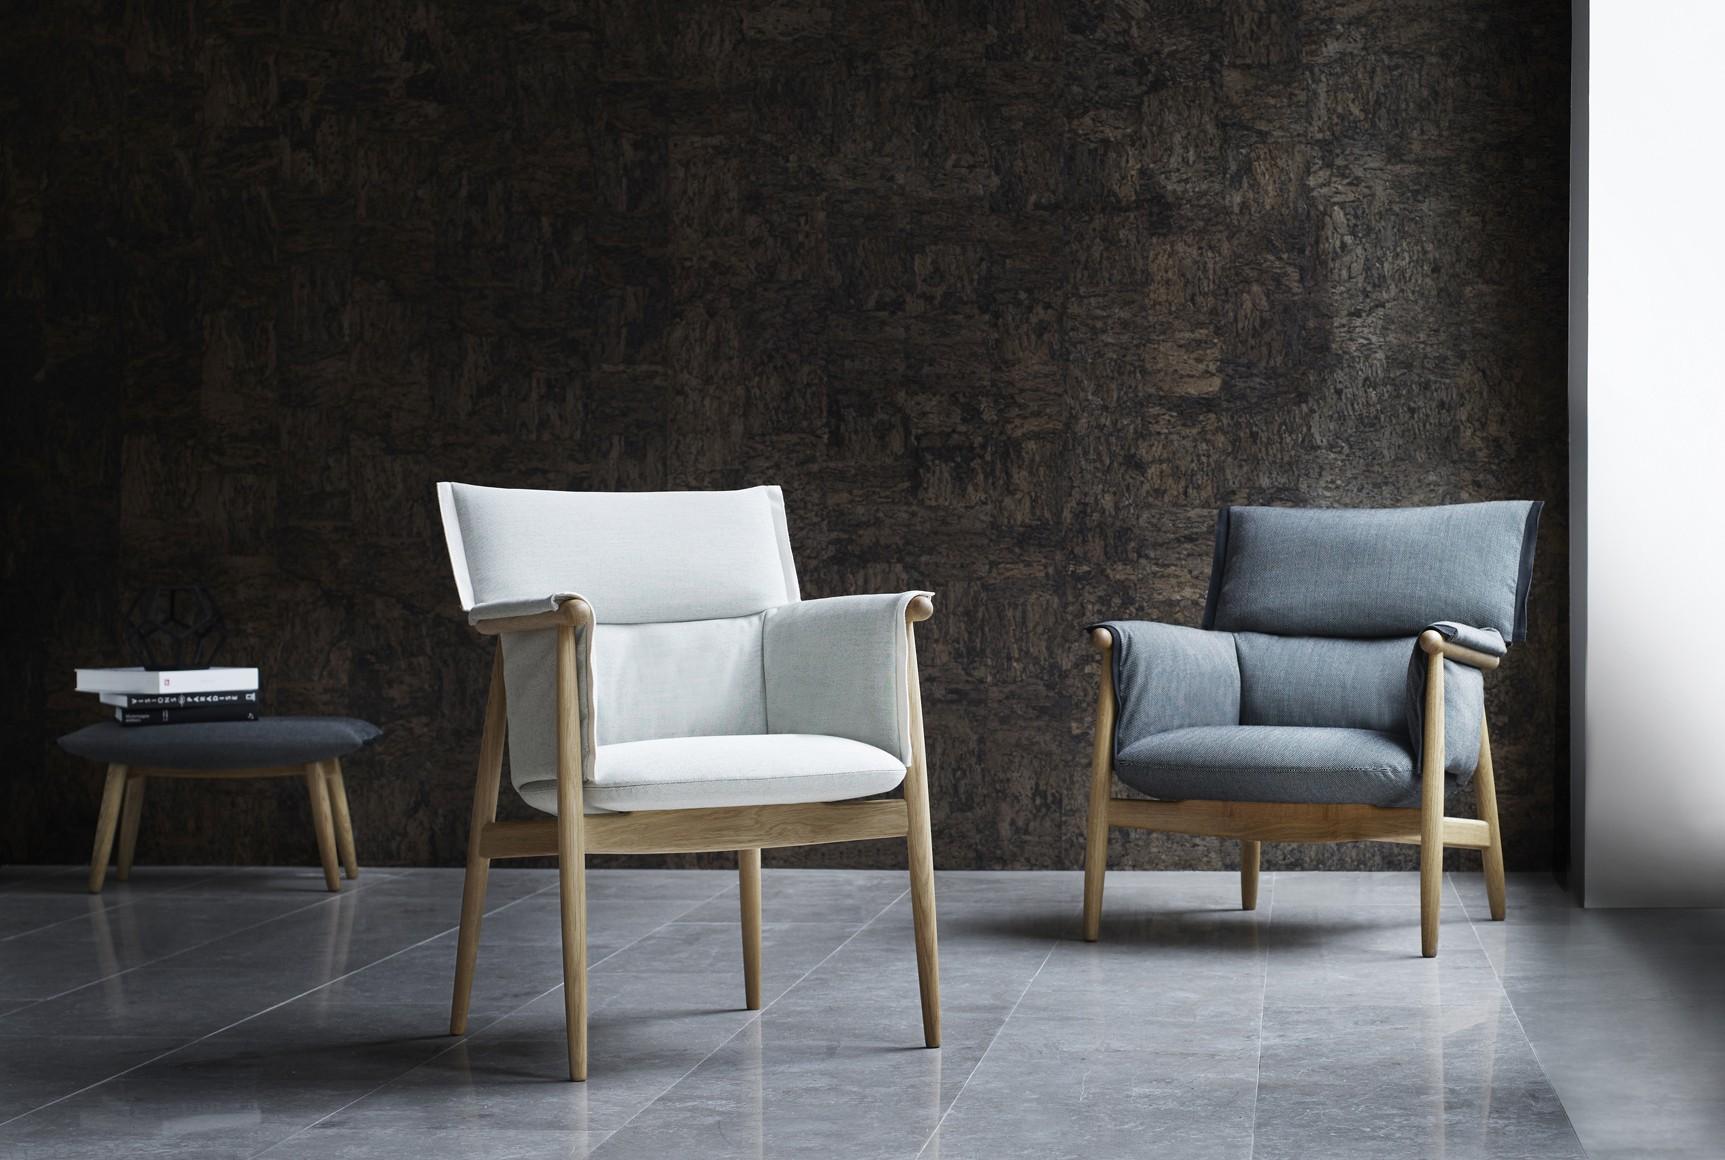 Utestående Embrace lounge stol   Møbelgalleriet Stavanger   Designmøbler HK-22